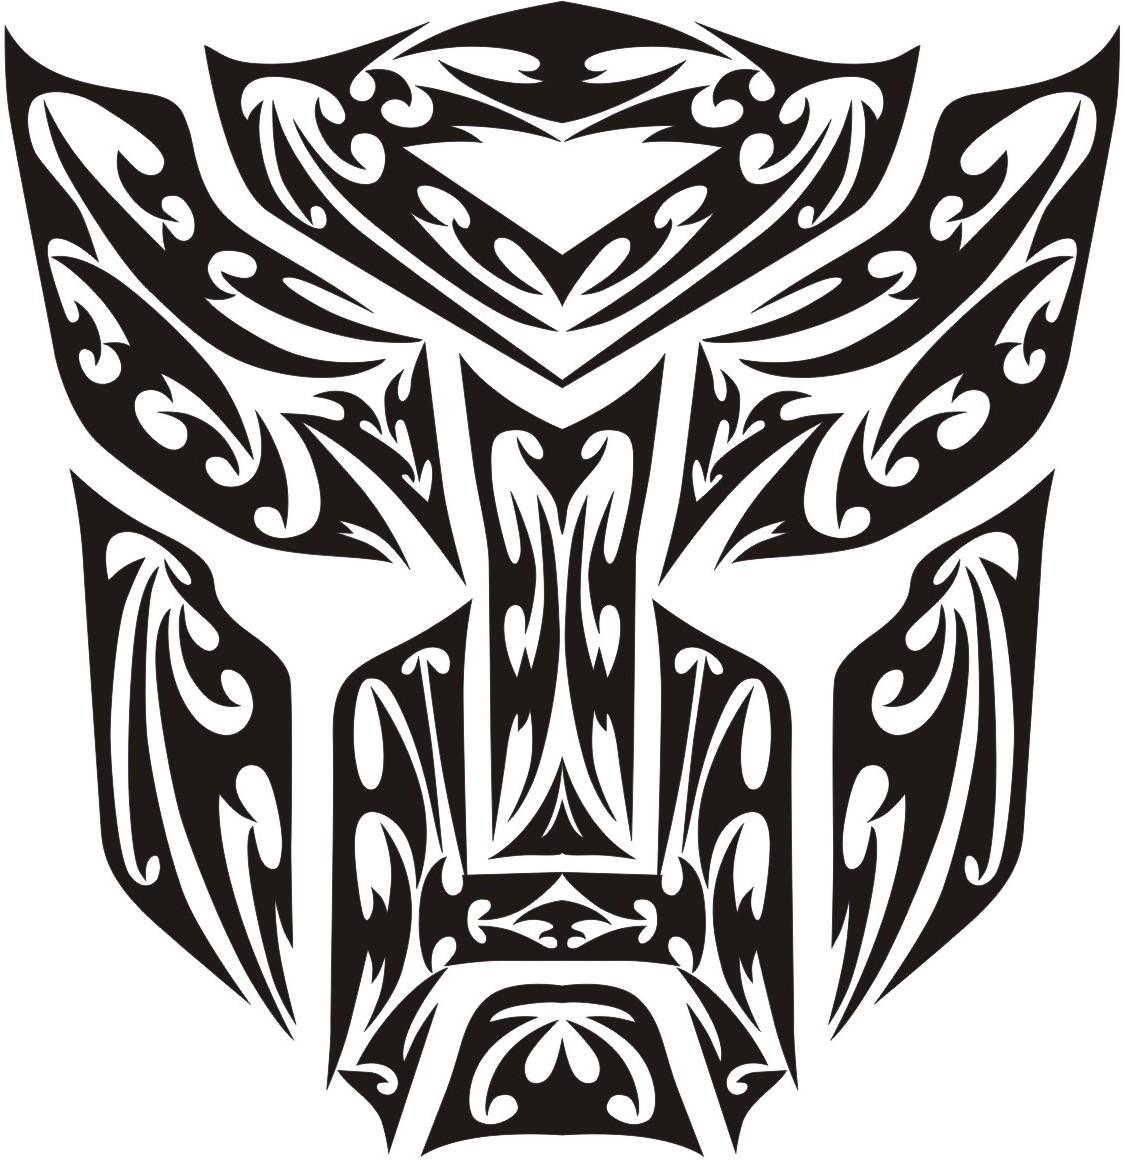 Transformer Autobot tribal logo by nacheers on DeviantArt